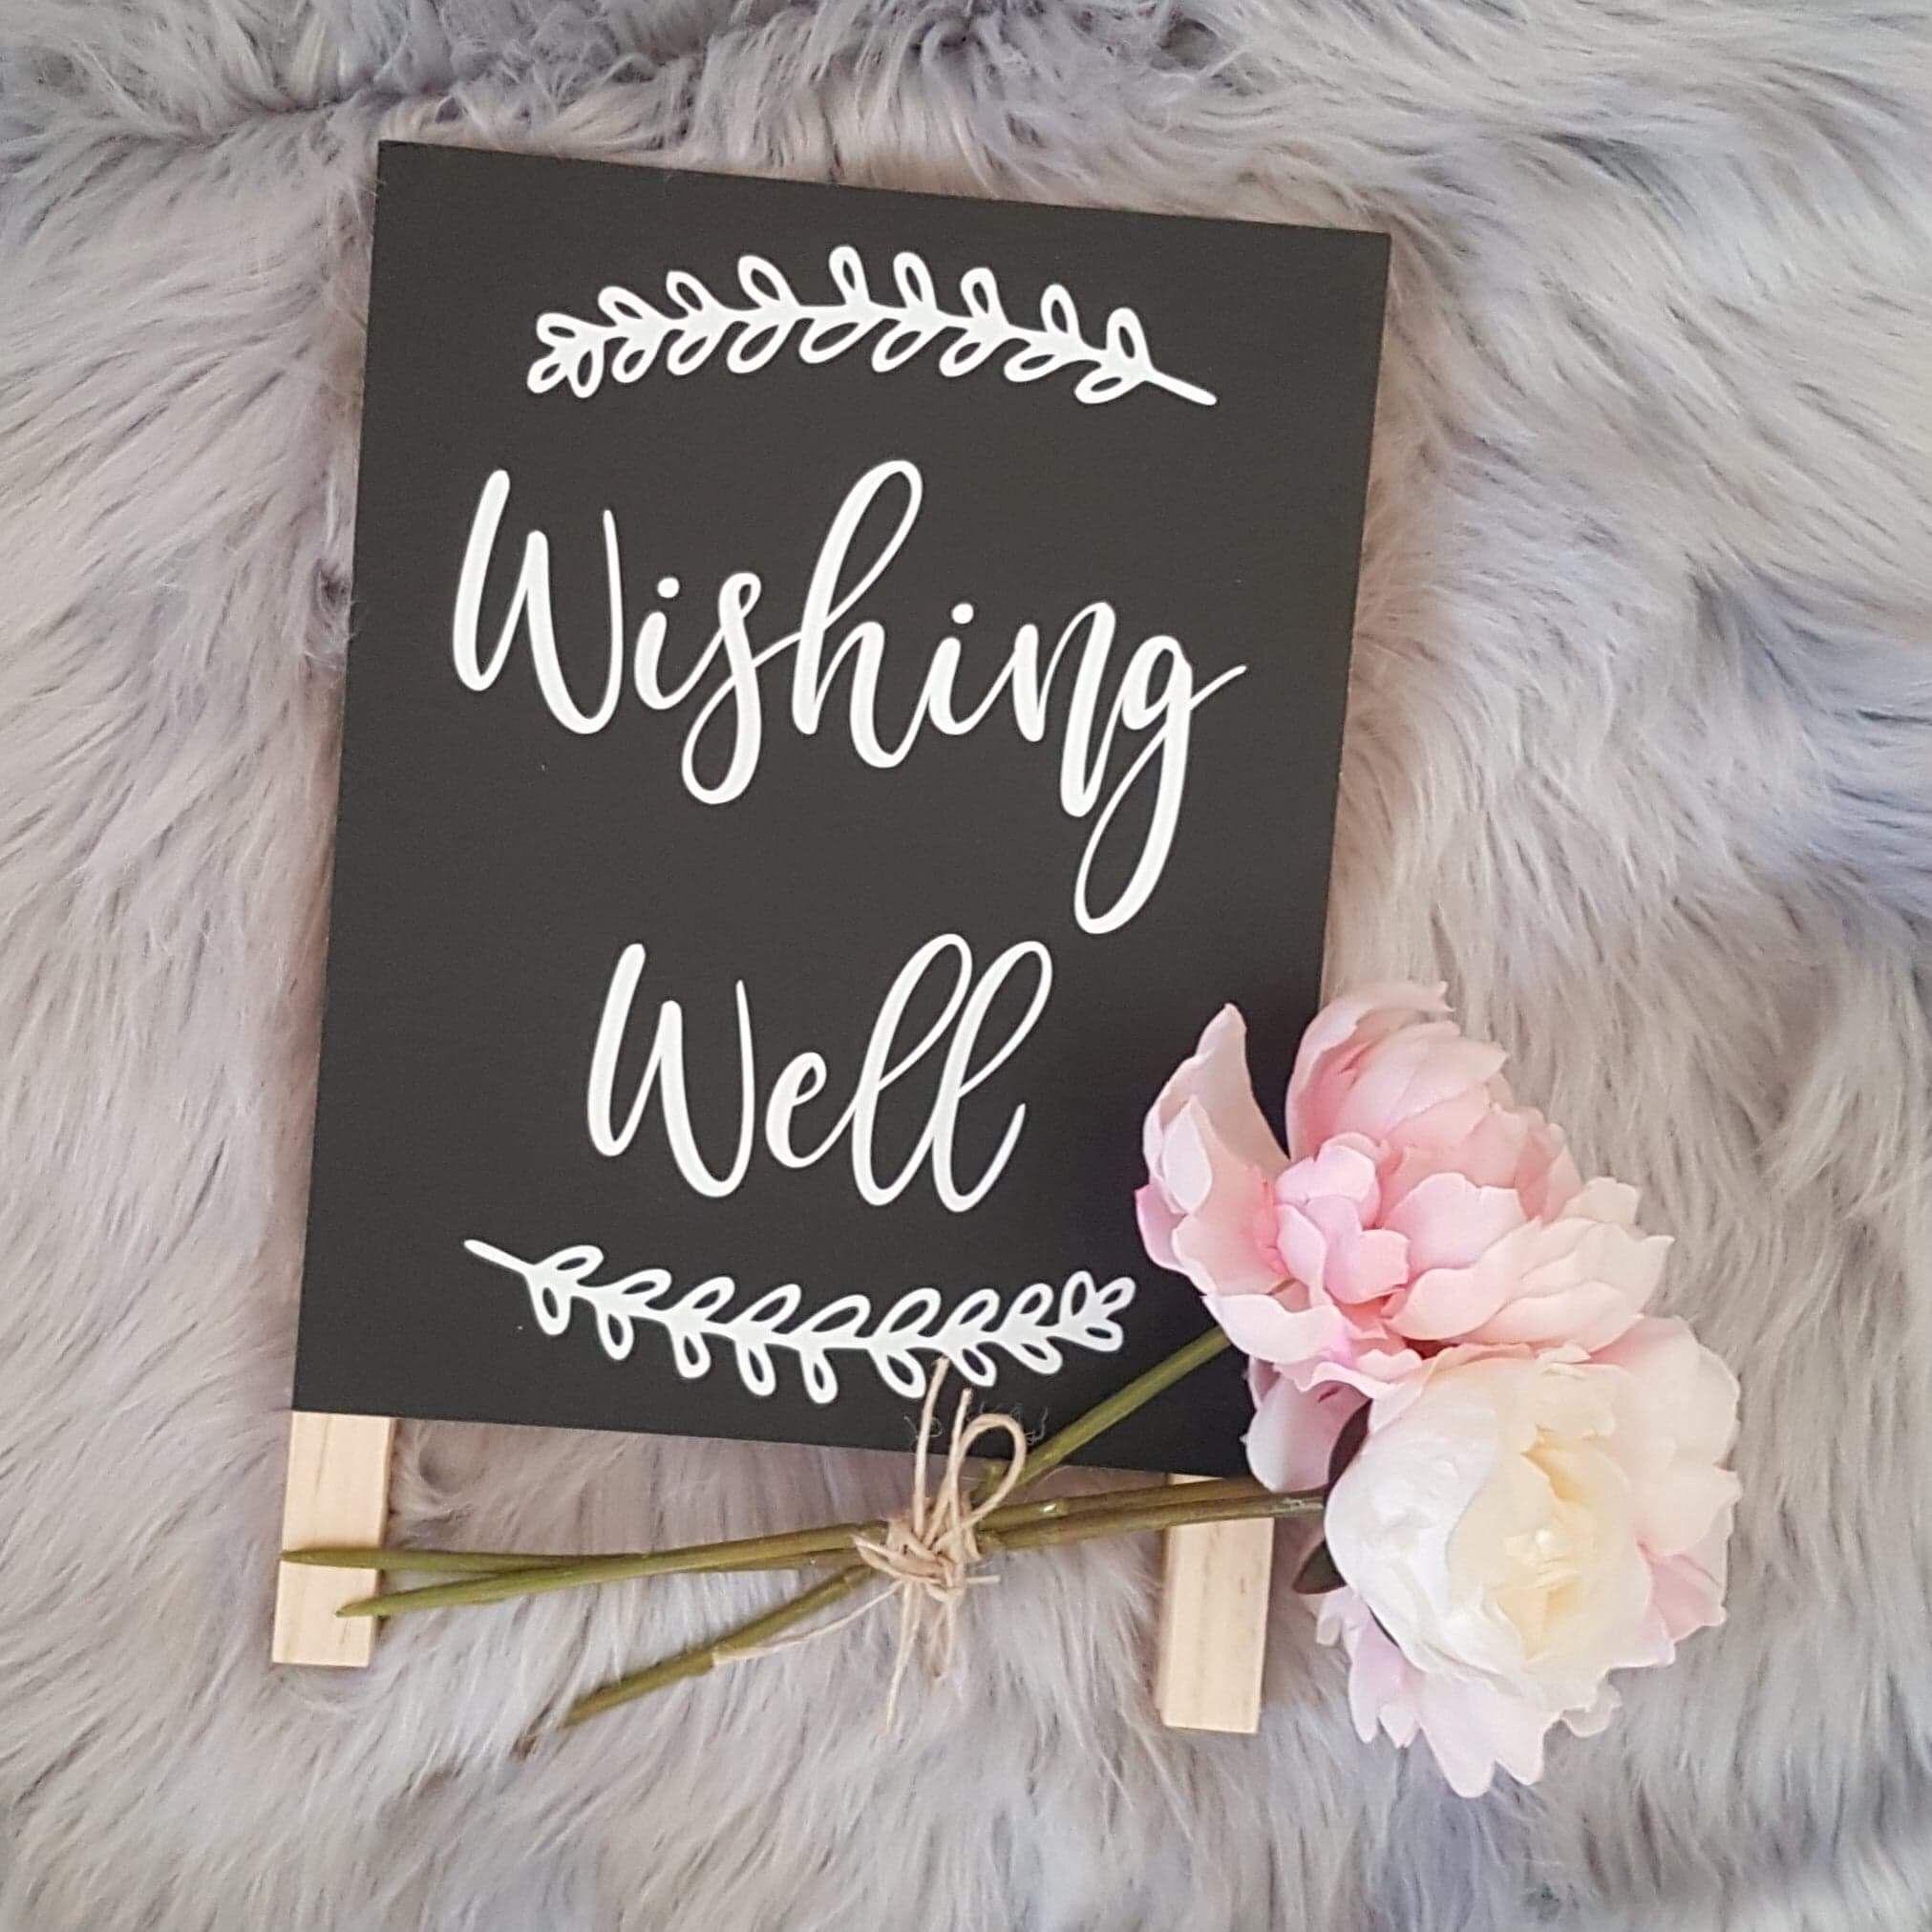 Diy Wishing Well Decal Etsy Wishing Well Wedding Diy Wedding Rustic Wedding Diy